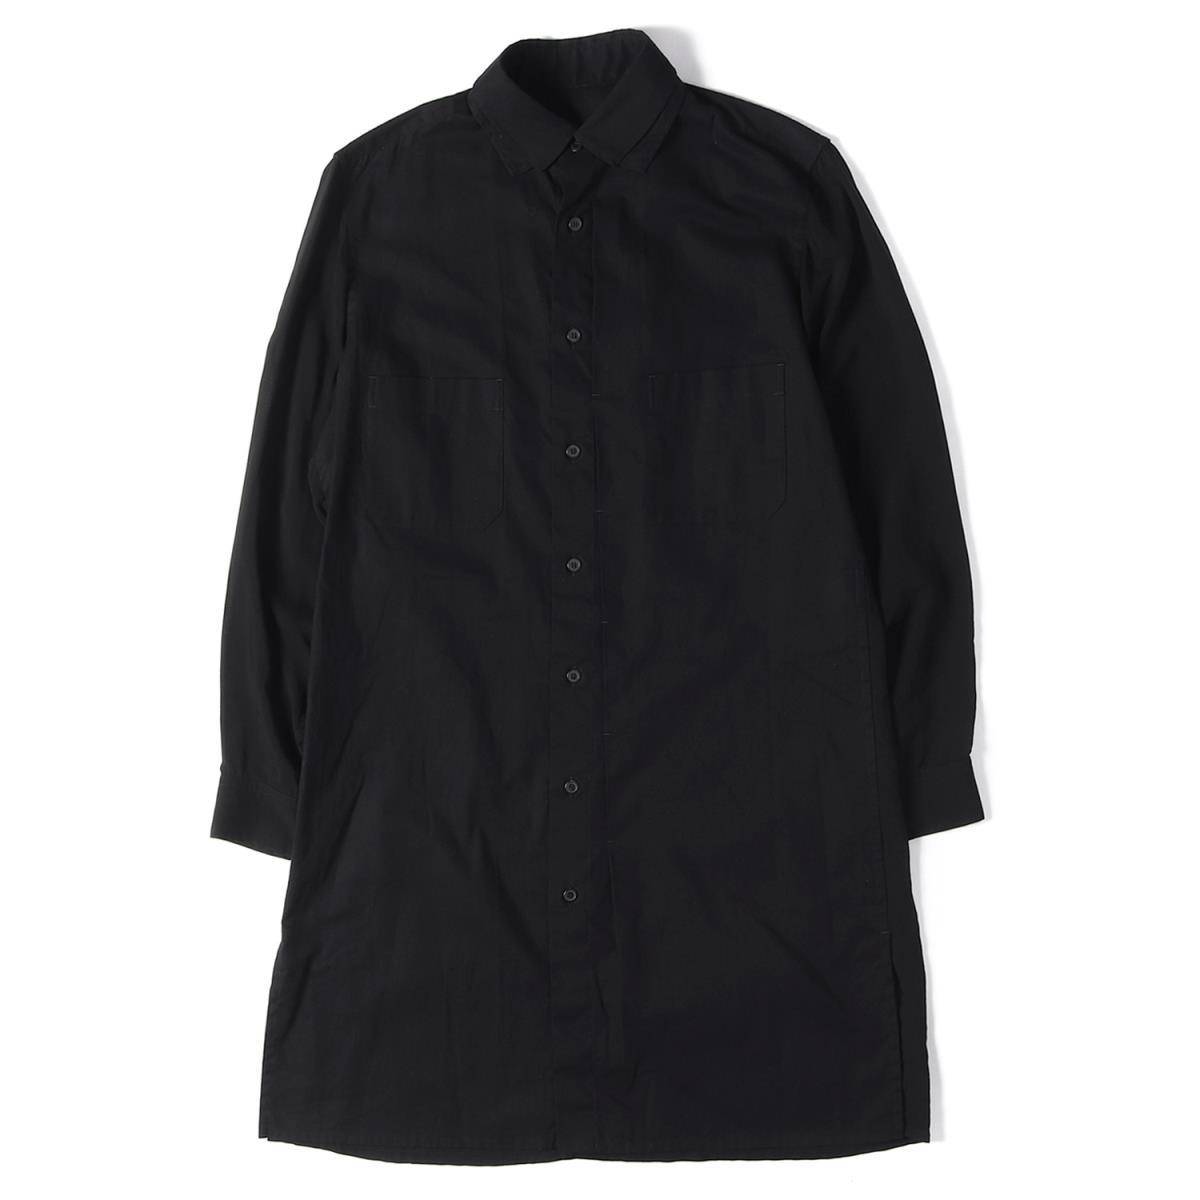 Yohji Yamamoto(Y's) (ヨウジヤマモト) 18A/W テンセル/コットン2枚衿ロングボタンシャツ BLACK Scandal Yohji Yamamoto ブラック 2 【メンズ】【中古】【K2533】【あす楽☆対応可】